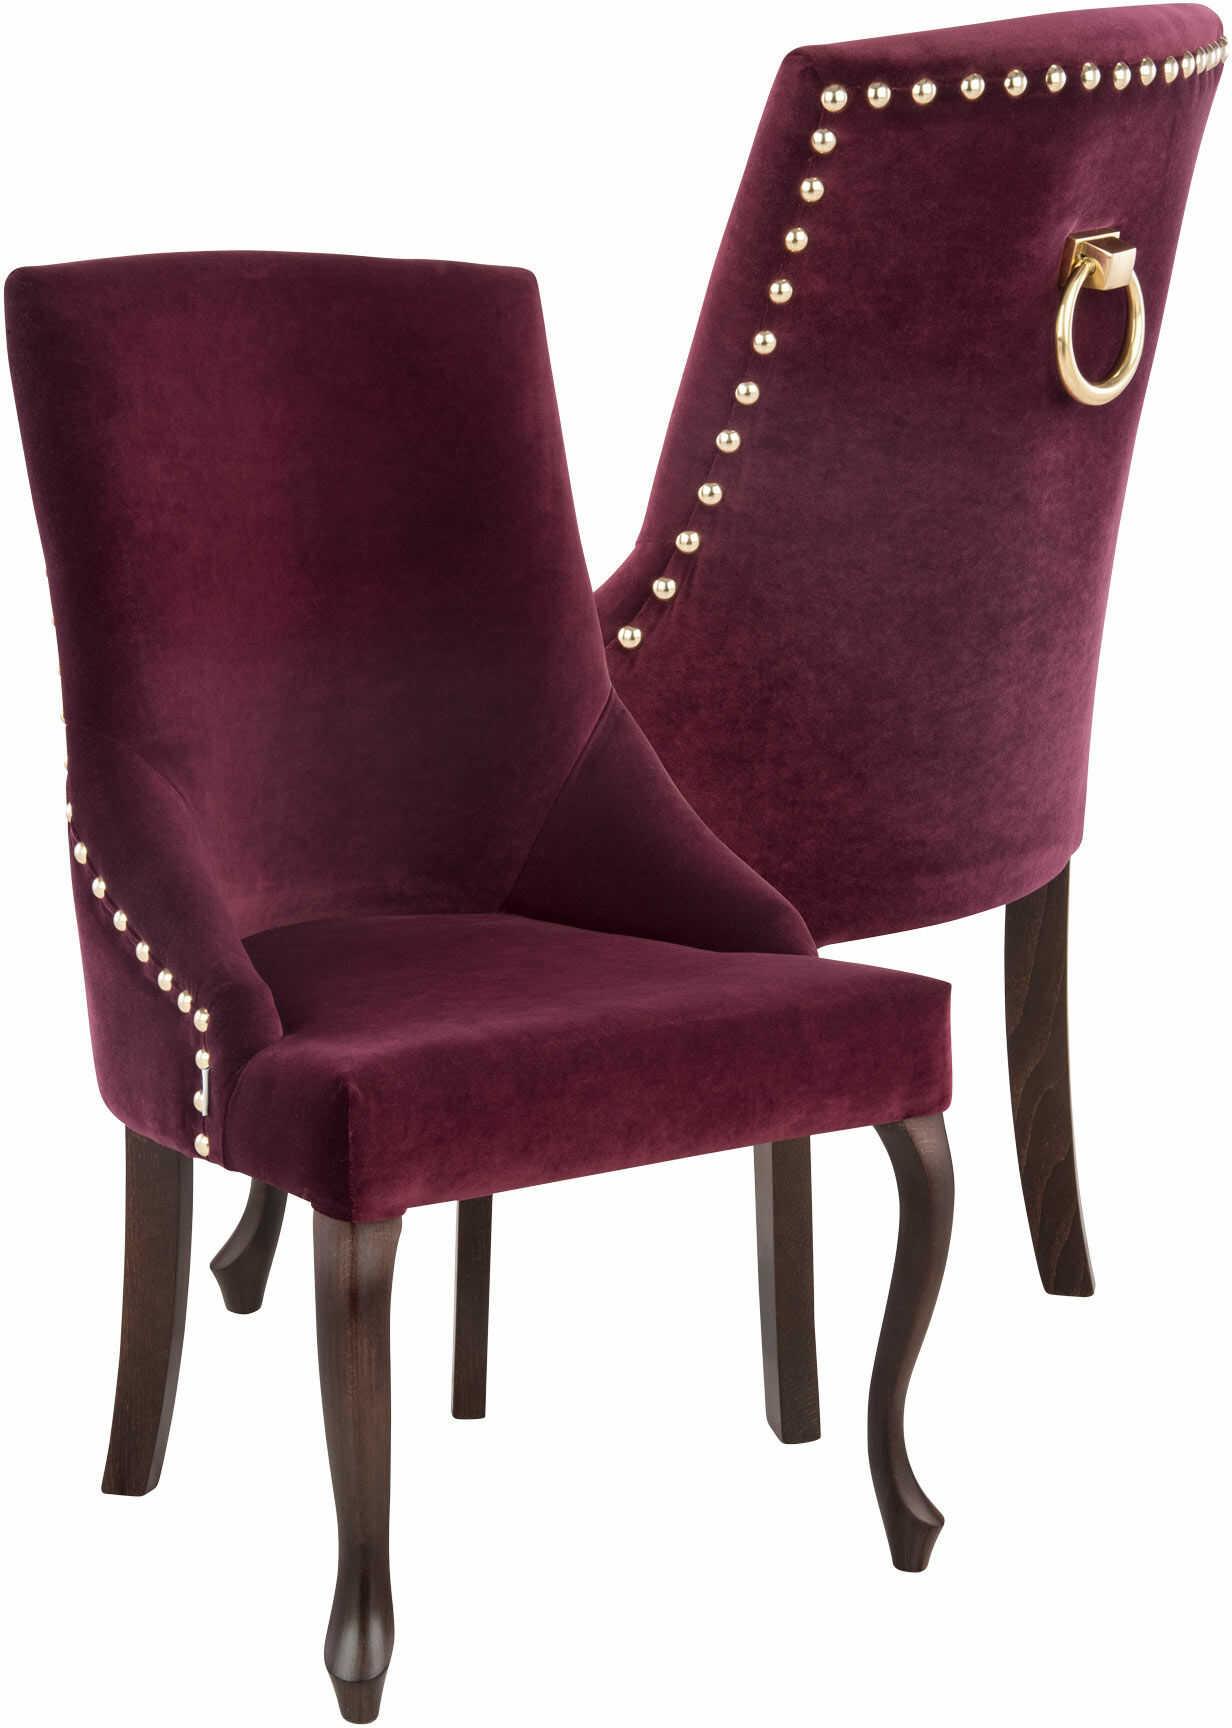 Krzesło Alexis 3 z pinezkami i kołatką, nogi Ludwik, stylowe, ozdobne, w stylu glamour, do jadalni, do kawiarni, do restauracji, do toaletki